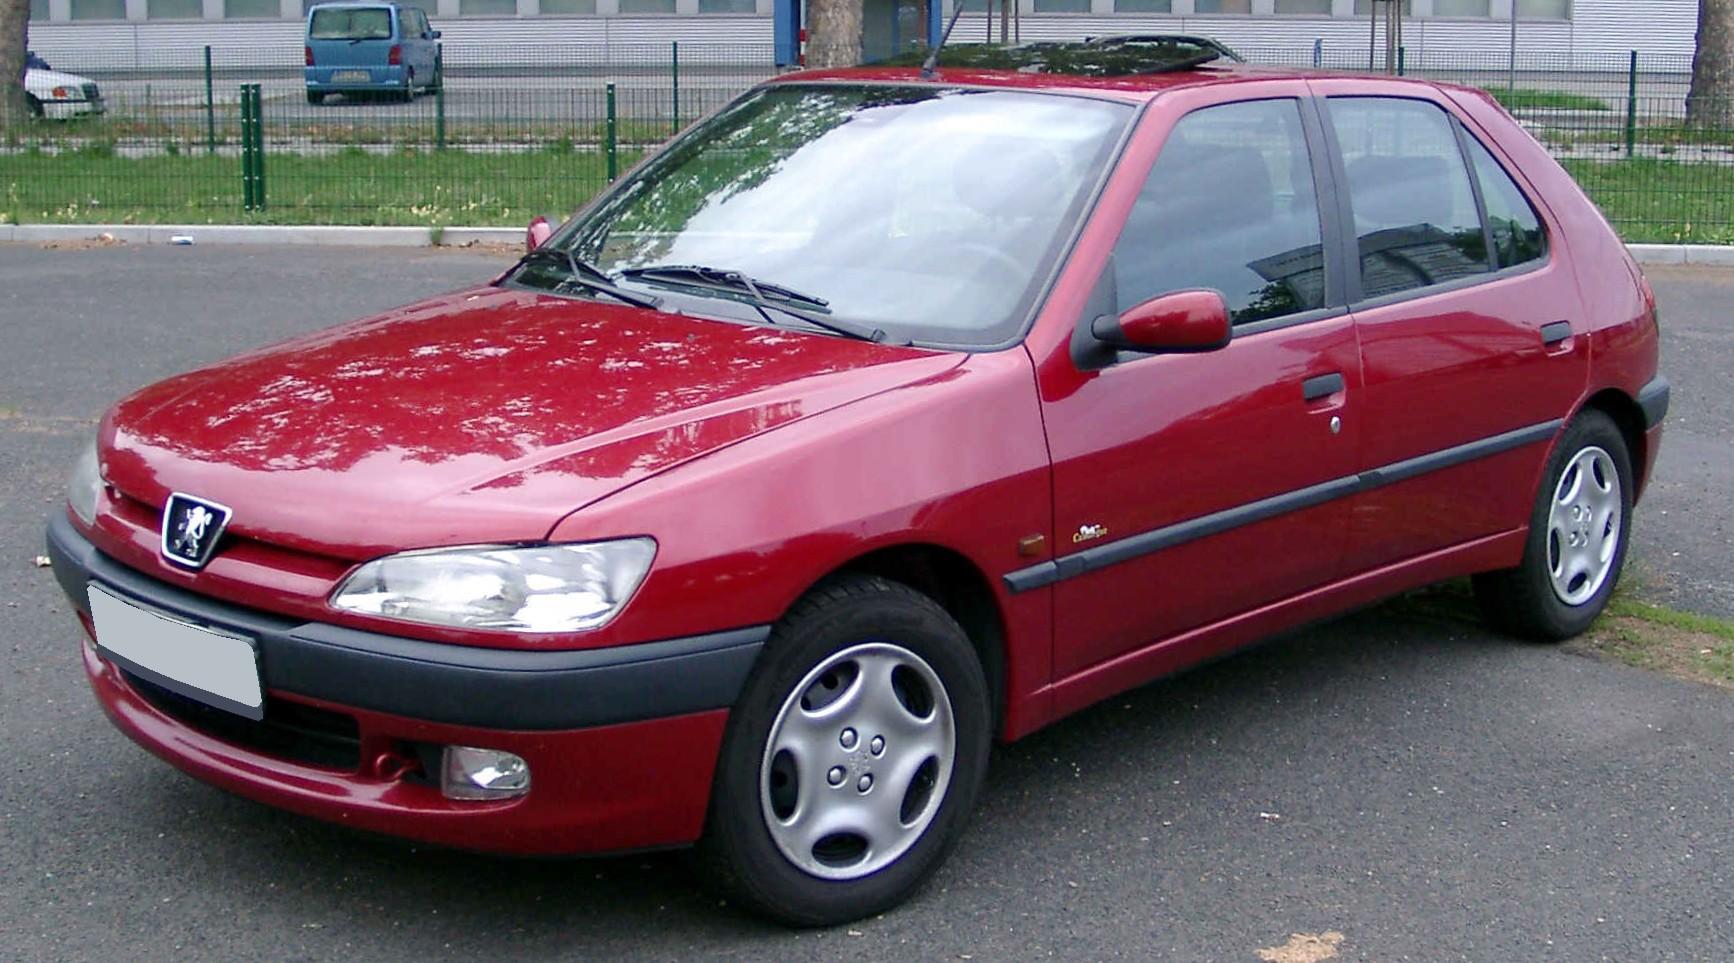 File:Peugeot 306 front 20080822.jpg